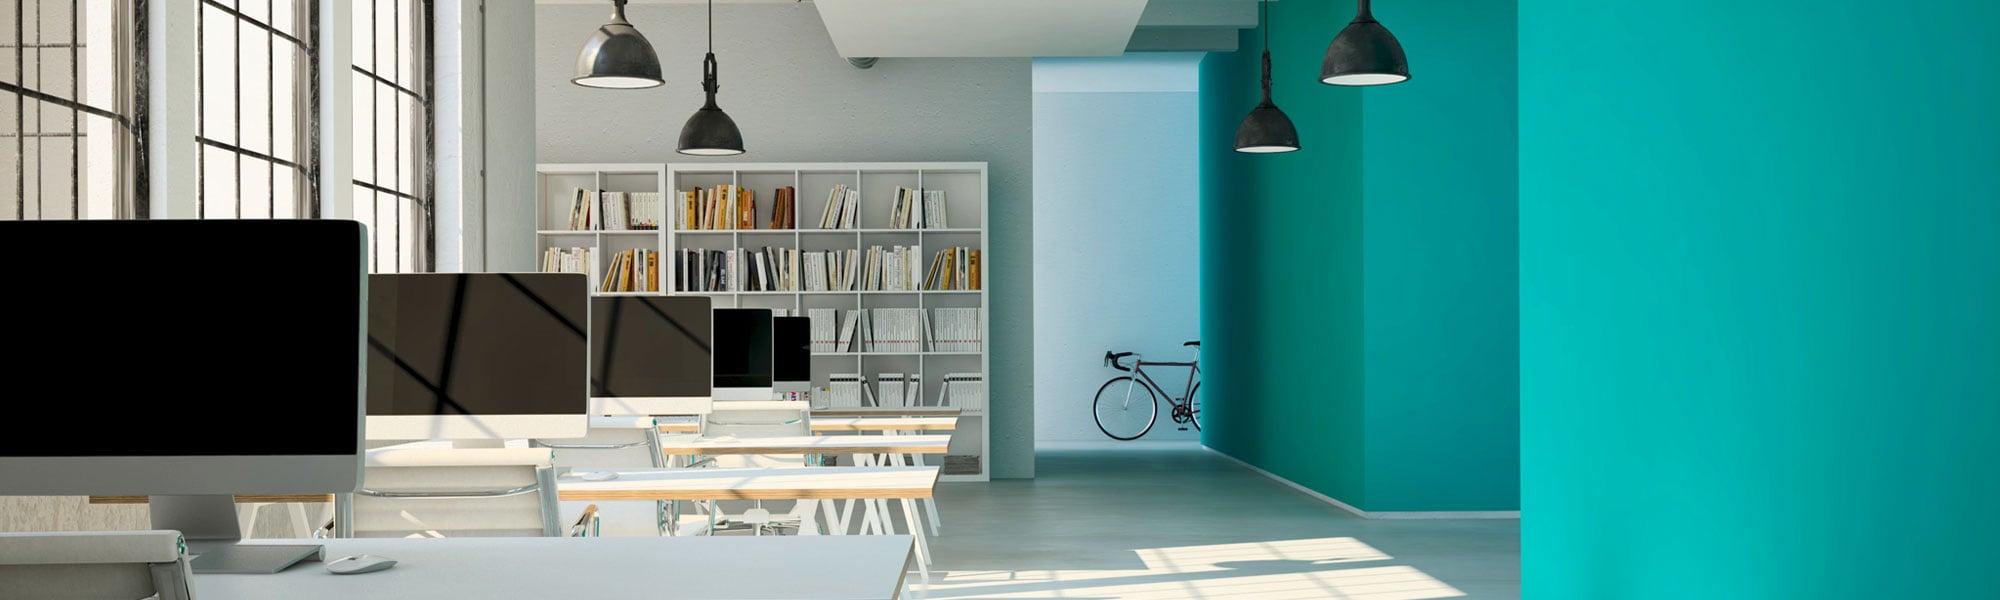 Design commercial - Unidé design - Mélina desjardins